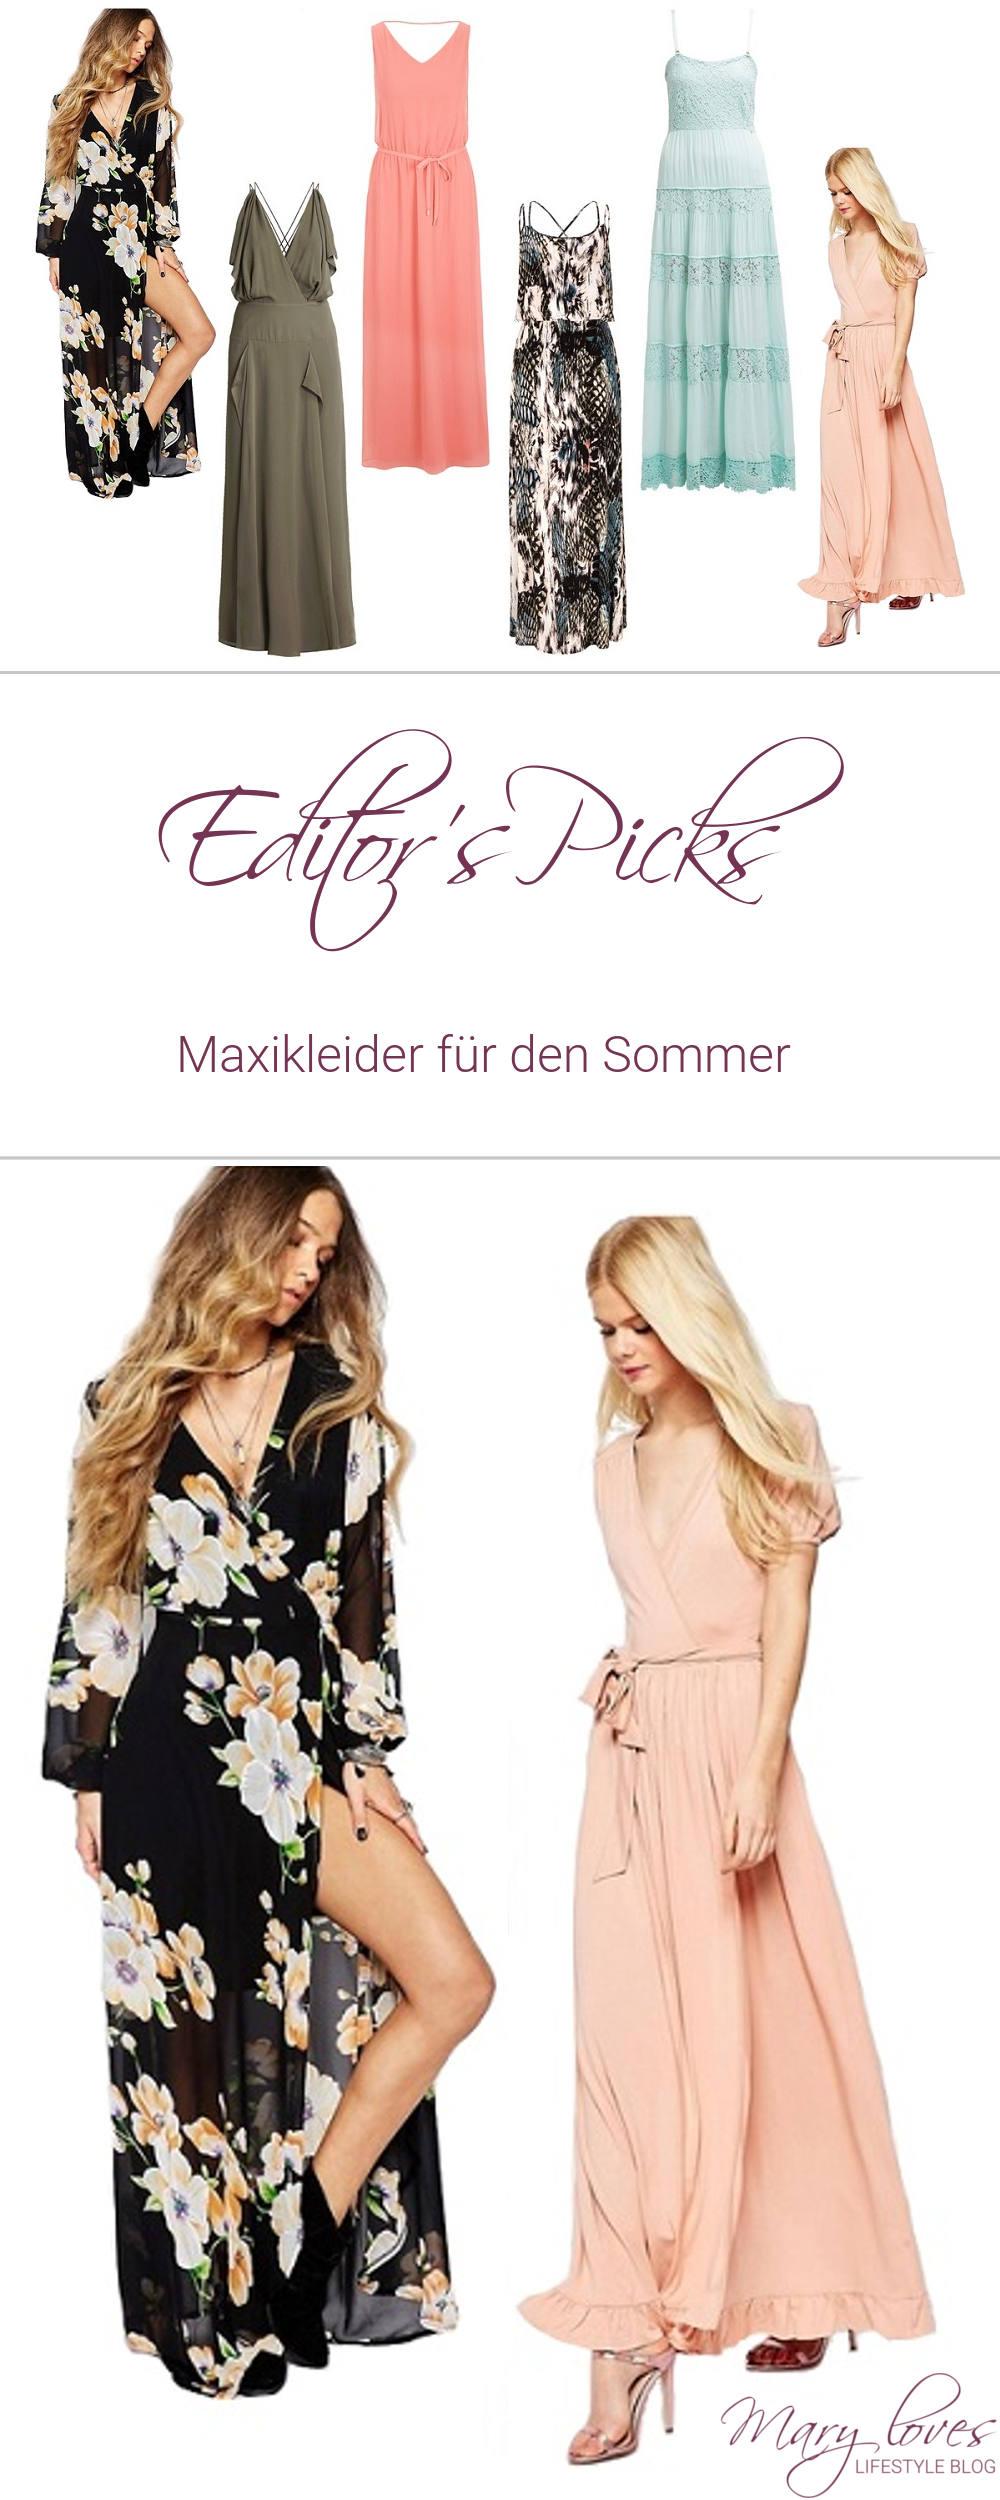 [Editor's Picks] Maxikleider für den Sommer